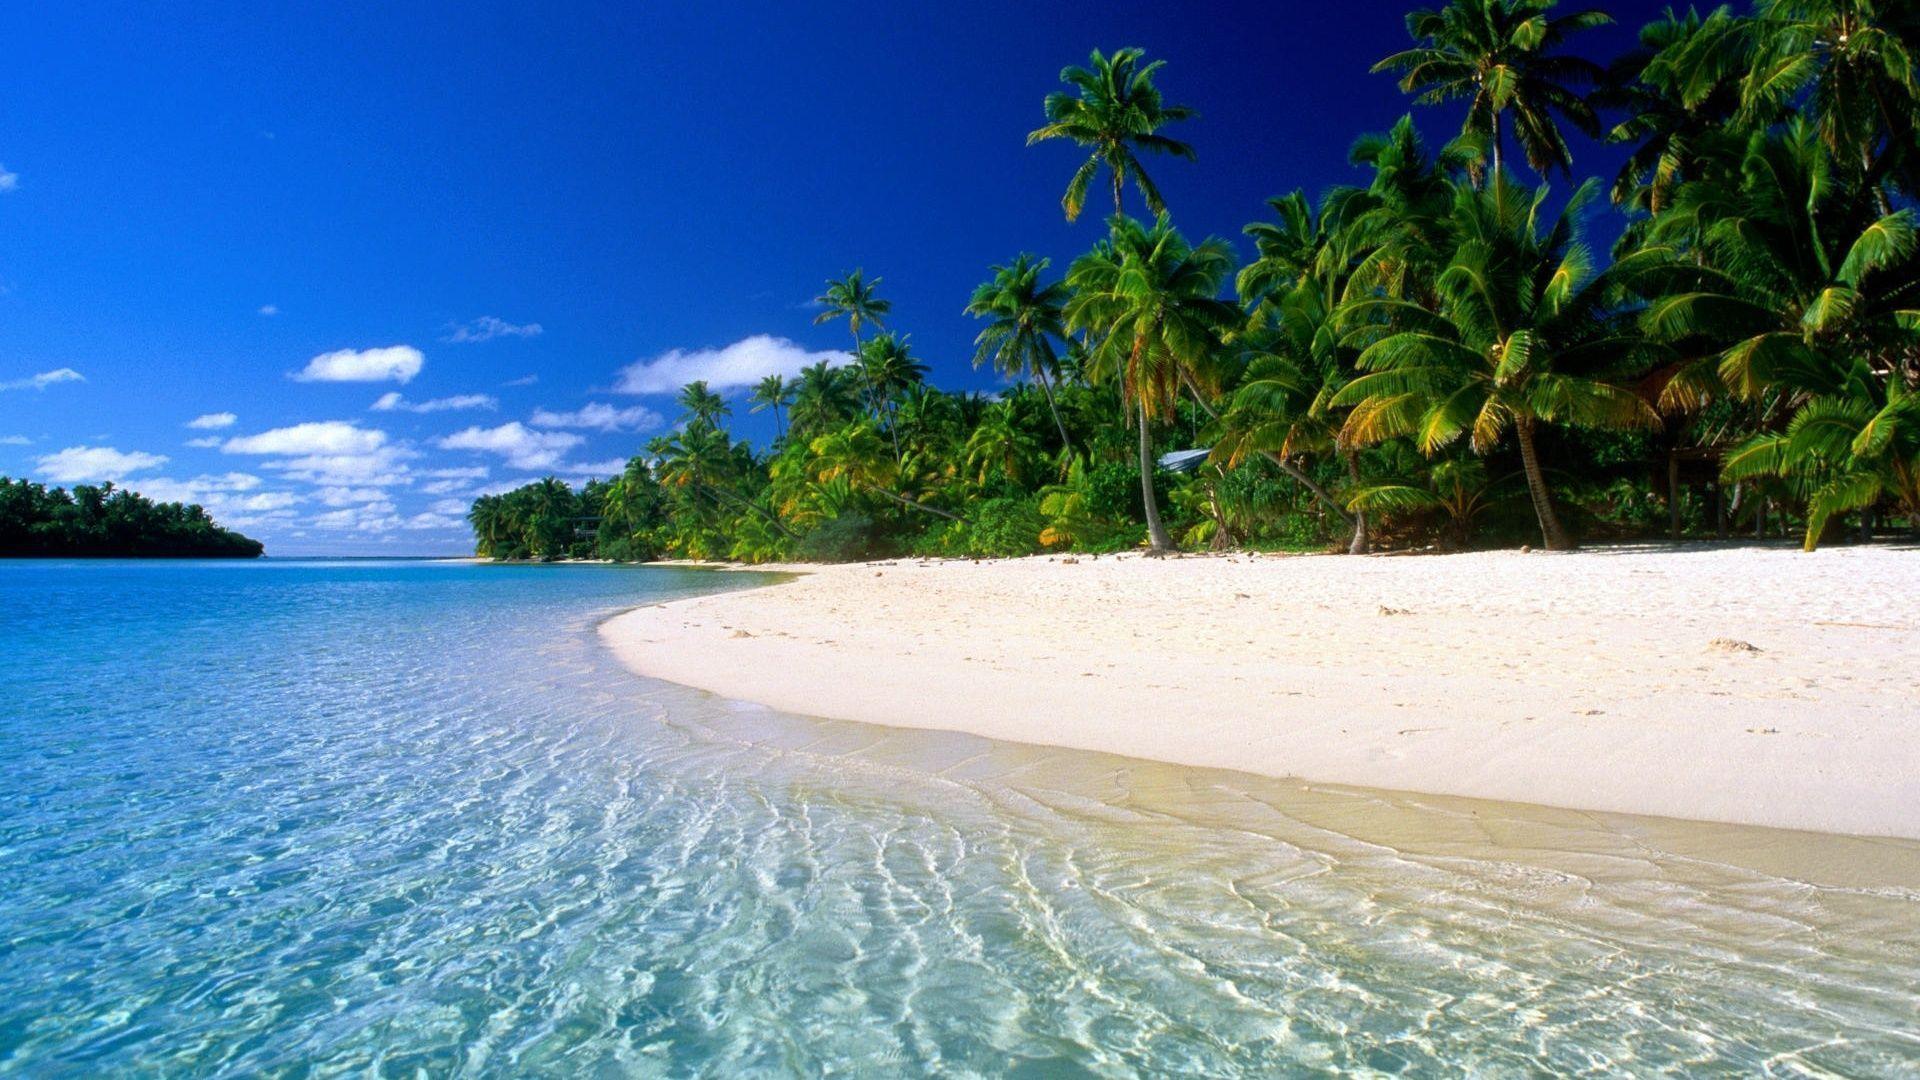 красивые пляжи обои на рабочий стол № 1104533 бесплатно